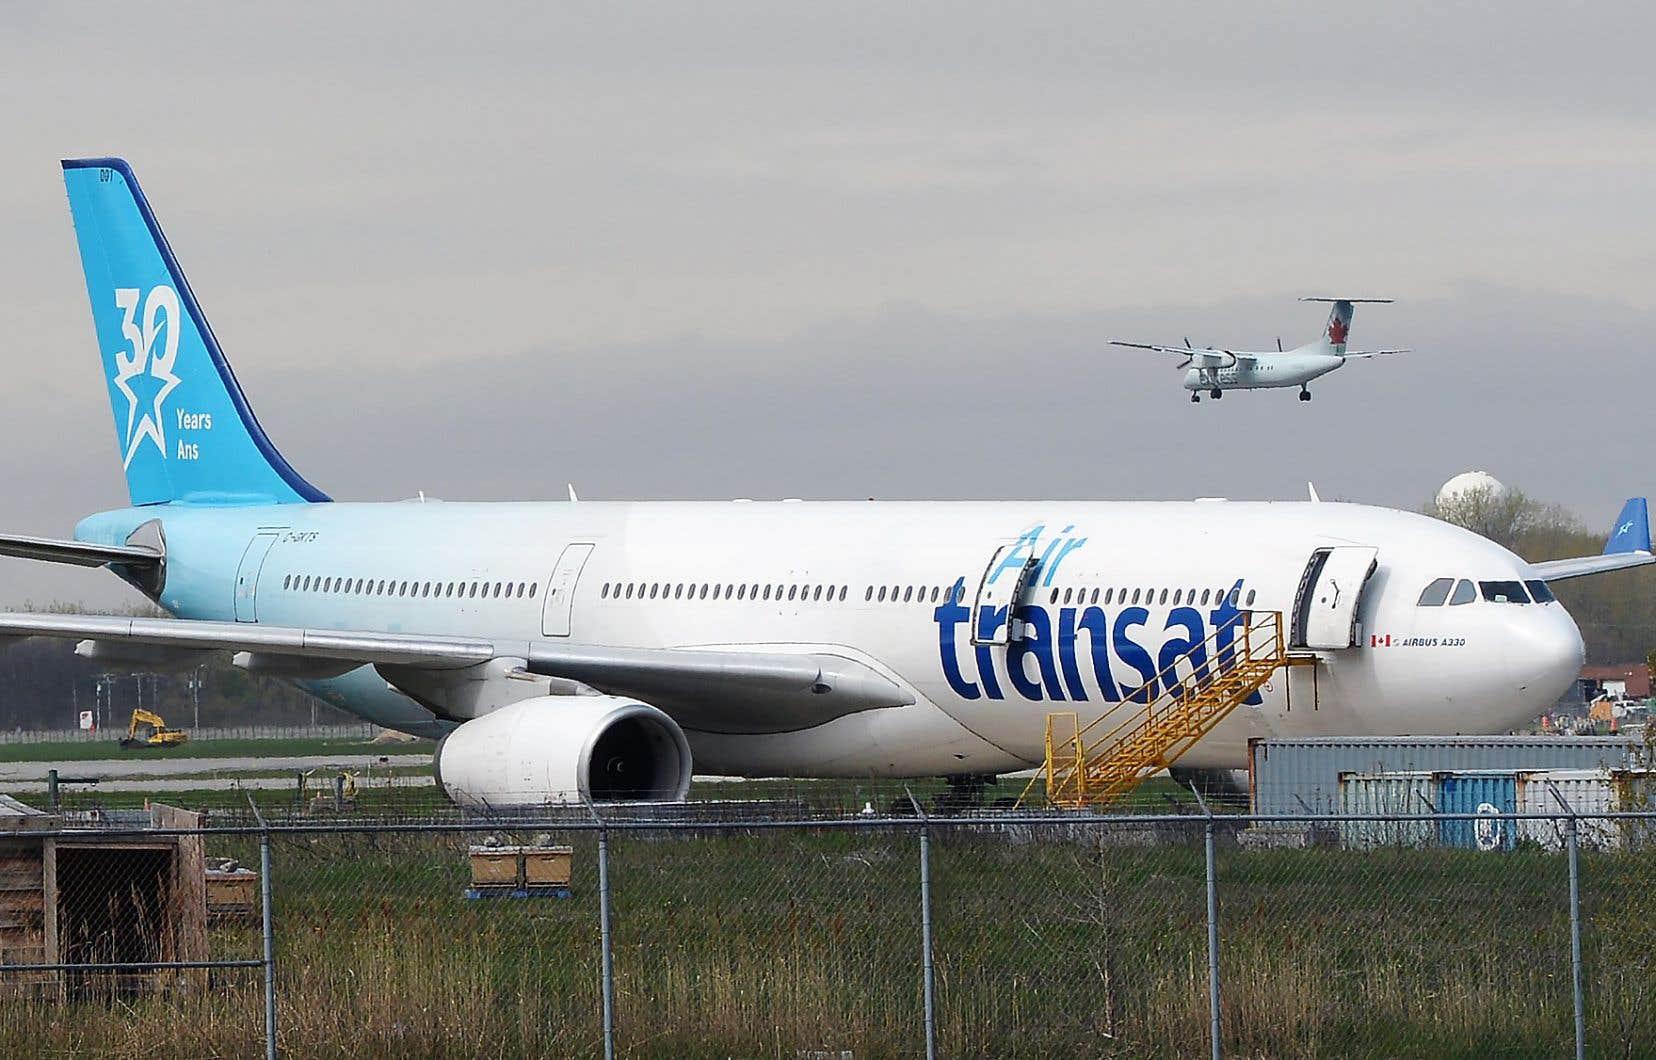 Groupe Mach n'a pas attendu l'expiration de la période d'exclusivité de 30 jours accordée à Air Canada pour se manifester.